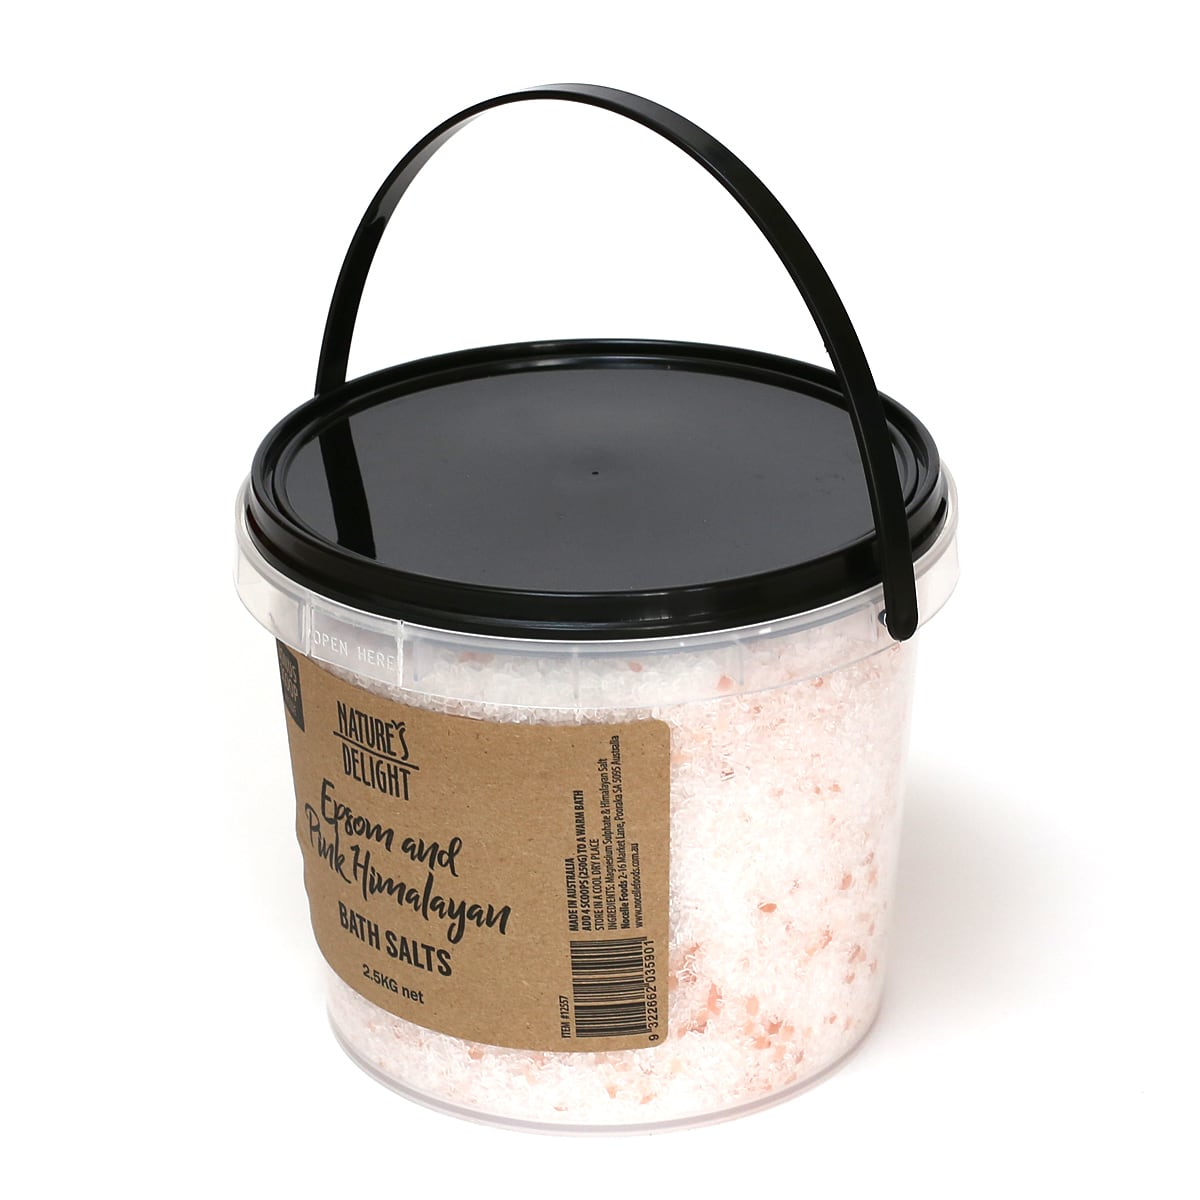 エプソム&ピンクヒマラヤンソルト バスソルト 2.5kg バケツ型の容器